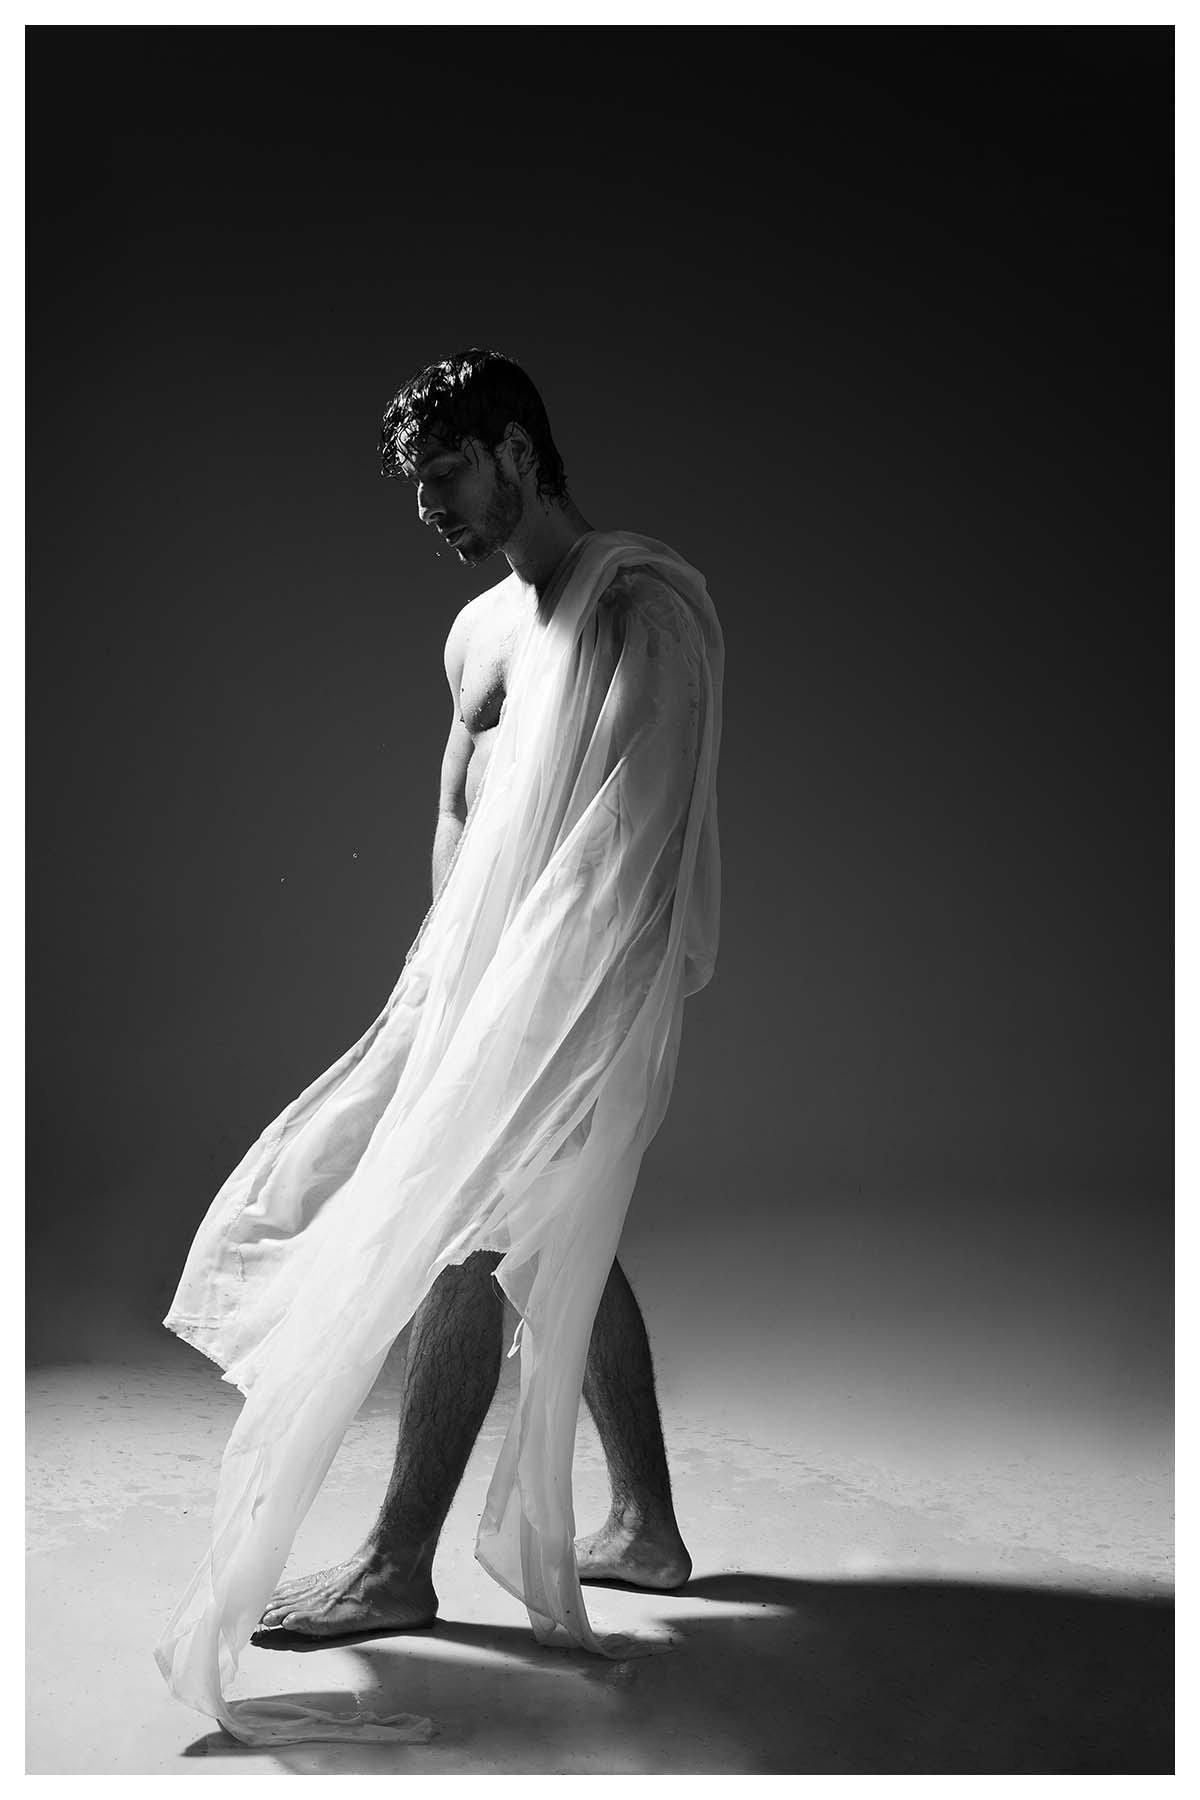 Lucas Silvestre by Rafael Manson for Brazilian Male Model